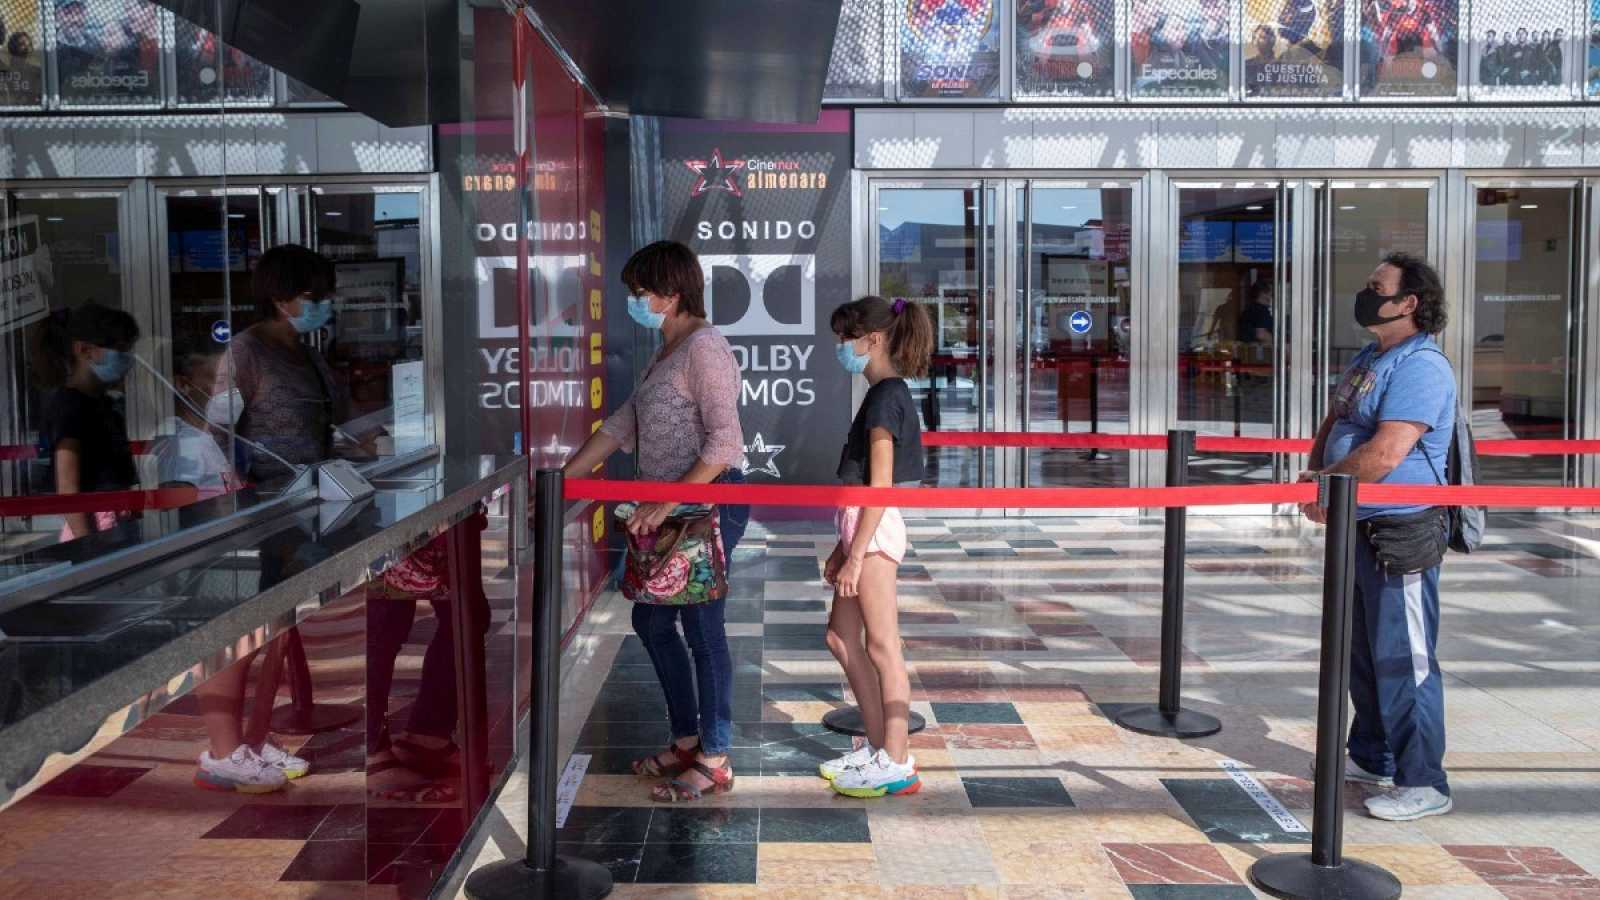 Varias personas esperan para sacar una entrada, en unos cines de Lorca, cuando a finales de mayo fueron de los primeros en reabrir en España